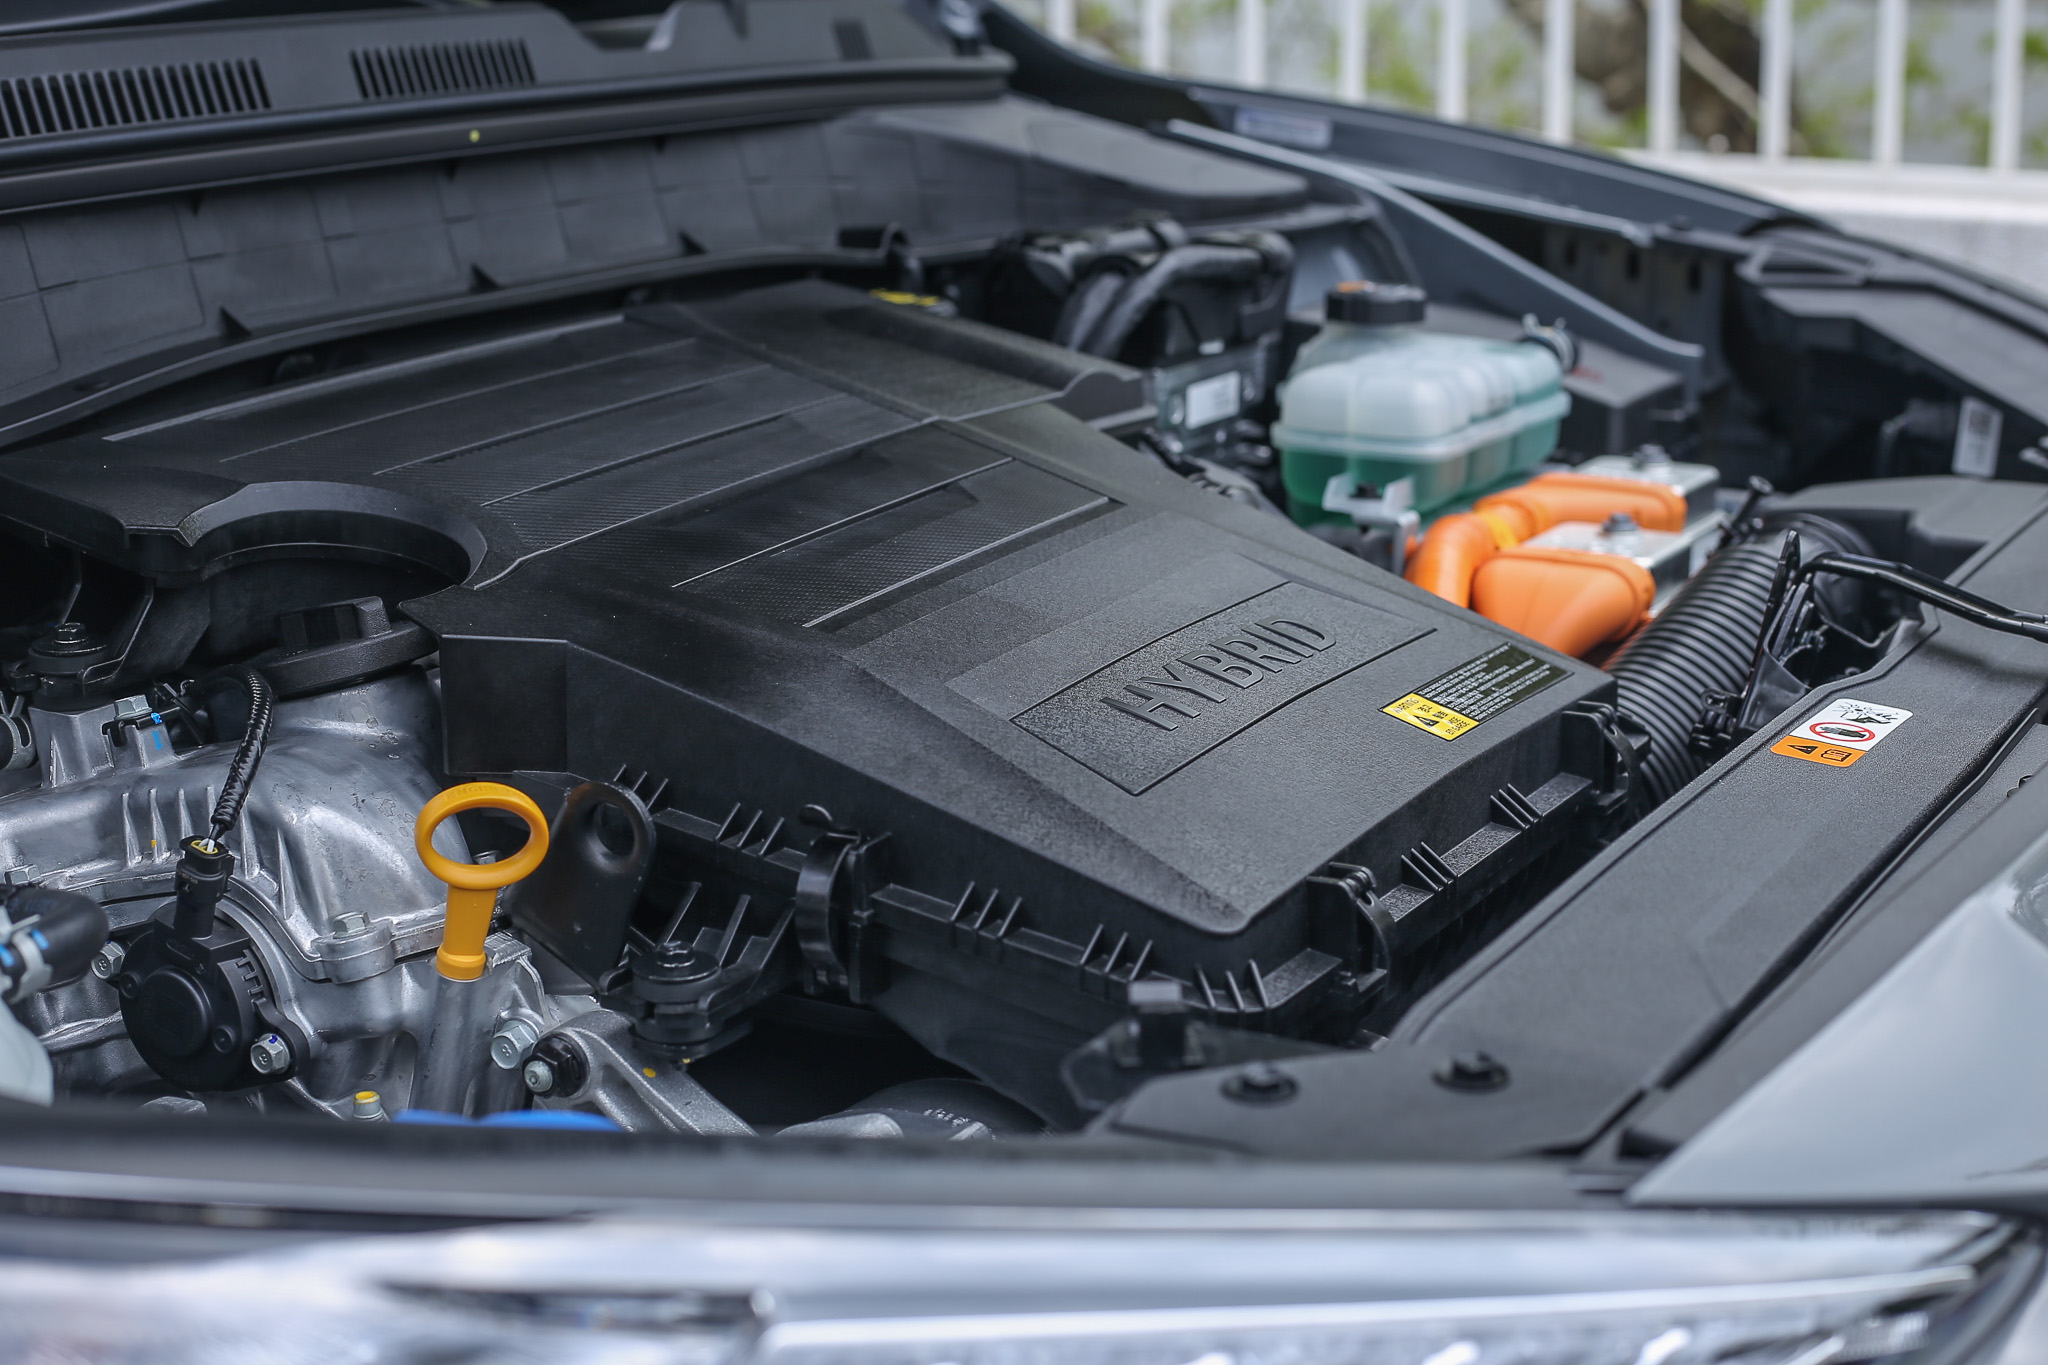 動力系統以直列四缸 1.6 升 Atkinson 循環汽油引擎為主,搭配採用鋰離子電池與電動馬達為主的電力驅動機構,最大綜效馬力為 141ps ,最大扭力為 27kgm。